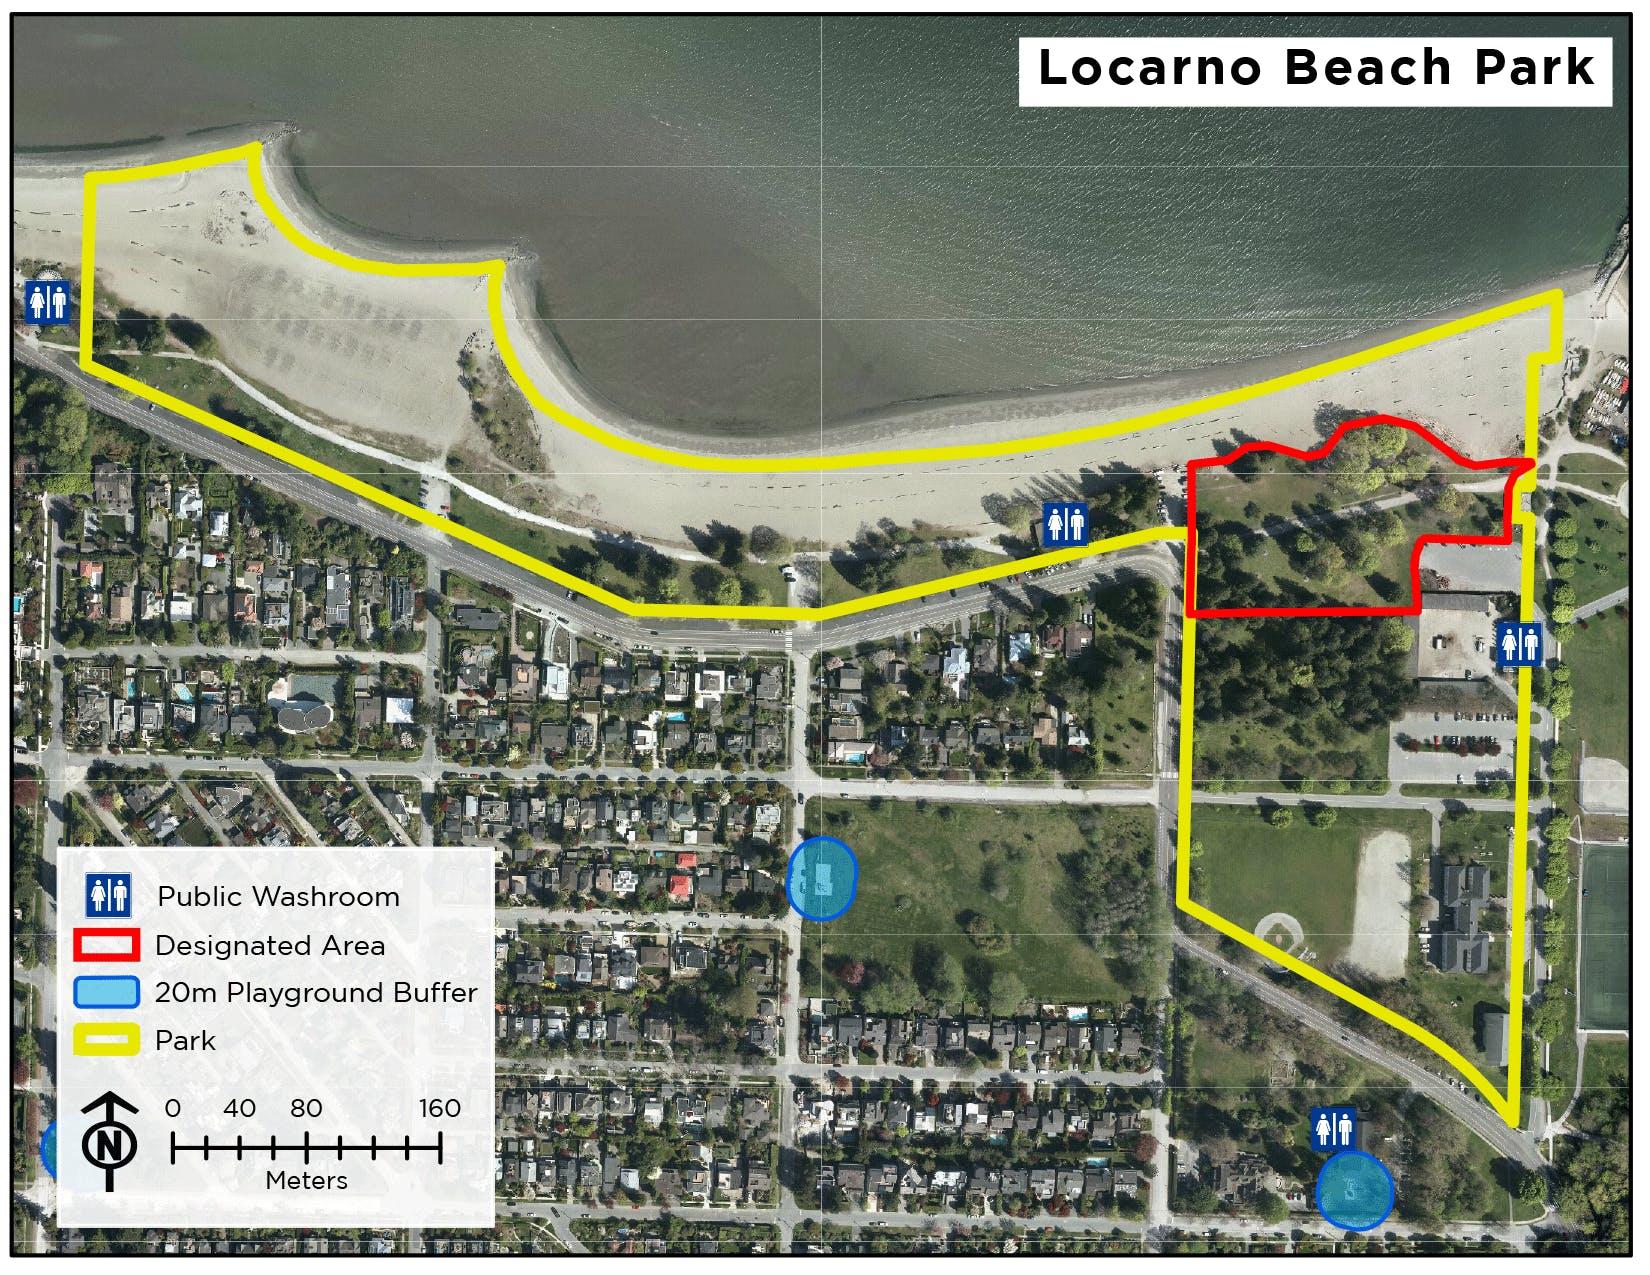 Locarno Beach Park